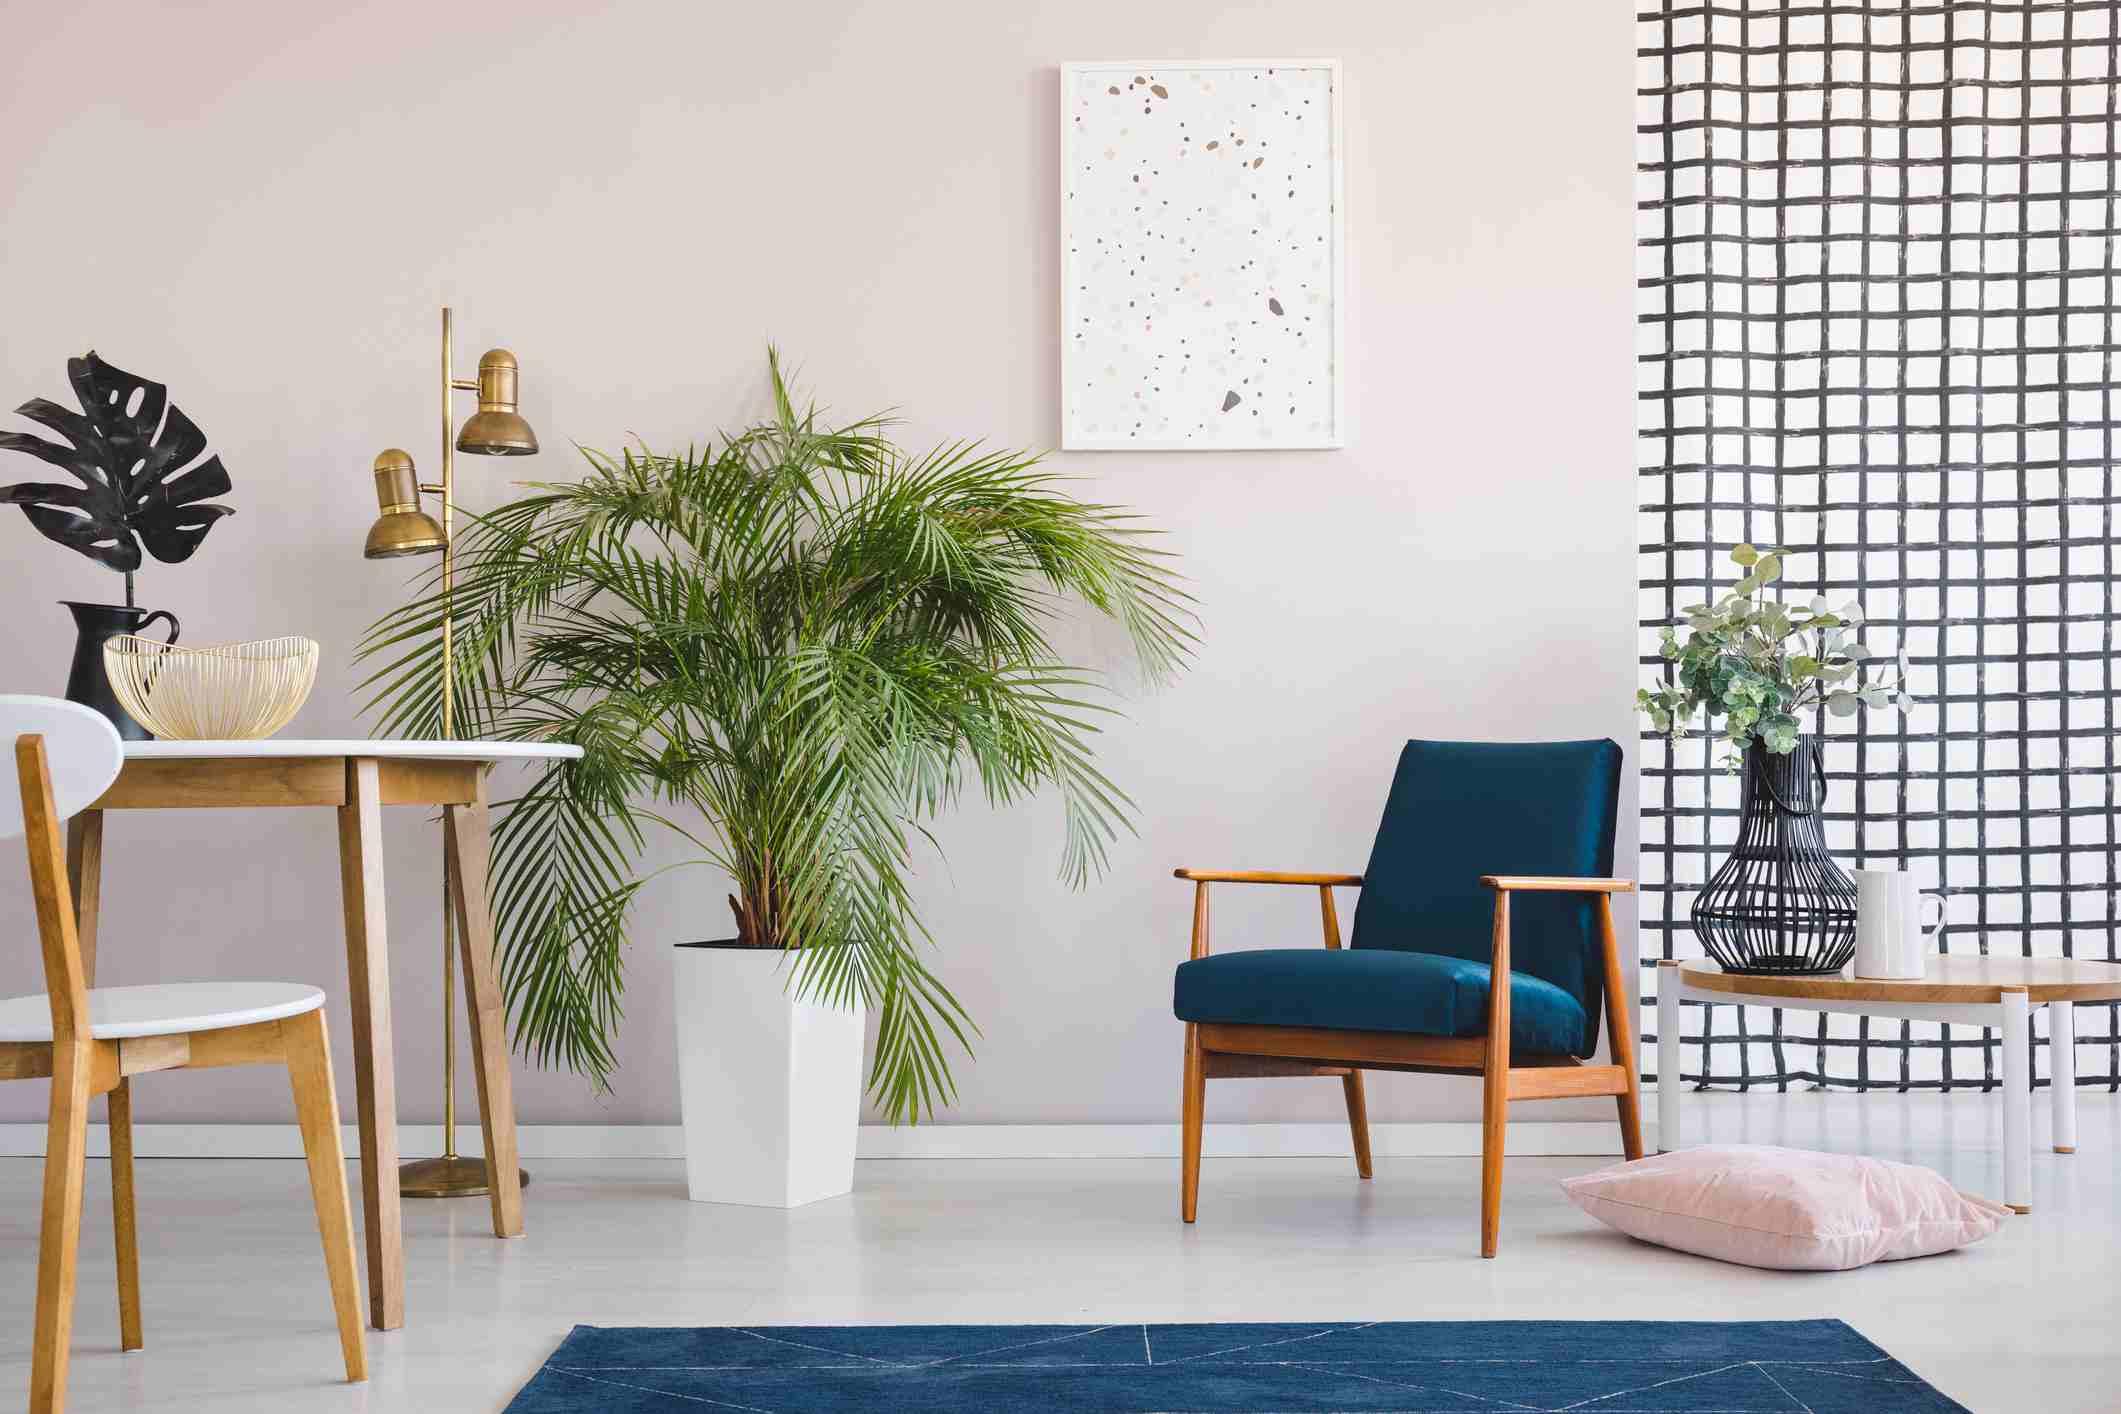 Silla en la mesa de madera en el luminoso comedor interior con plantas y póster sobre el sillón. Foto real